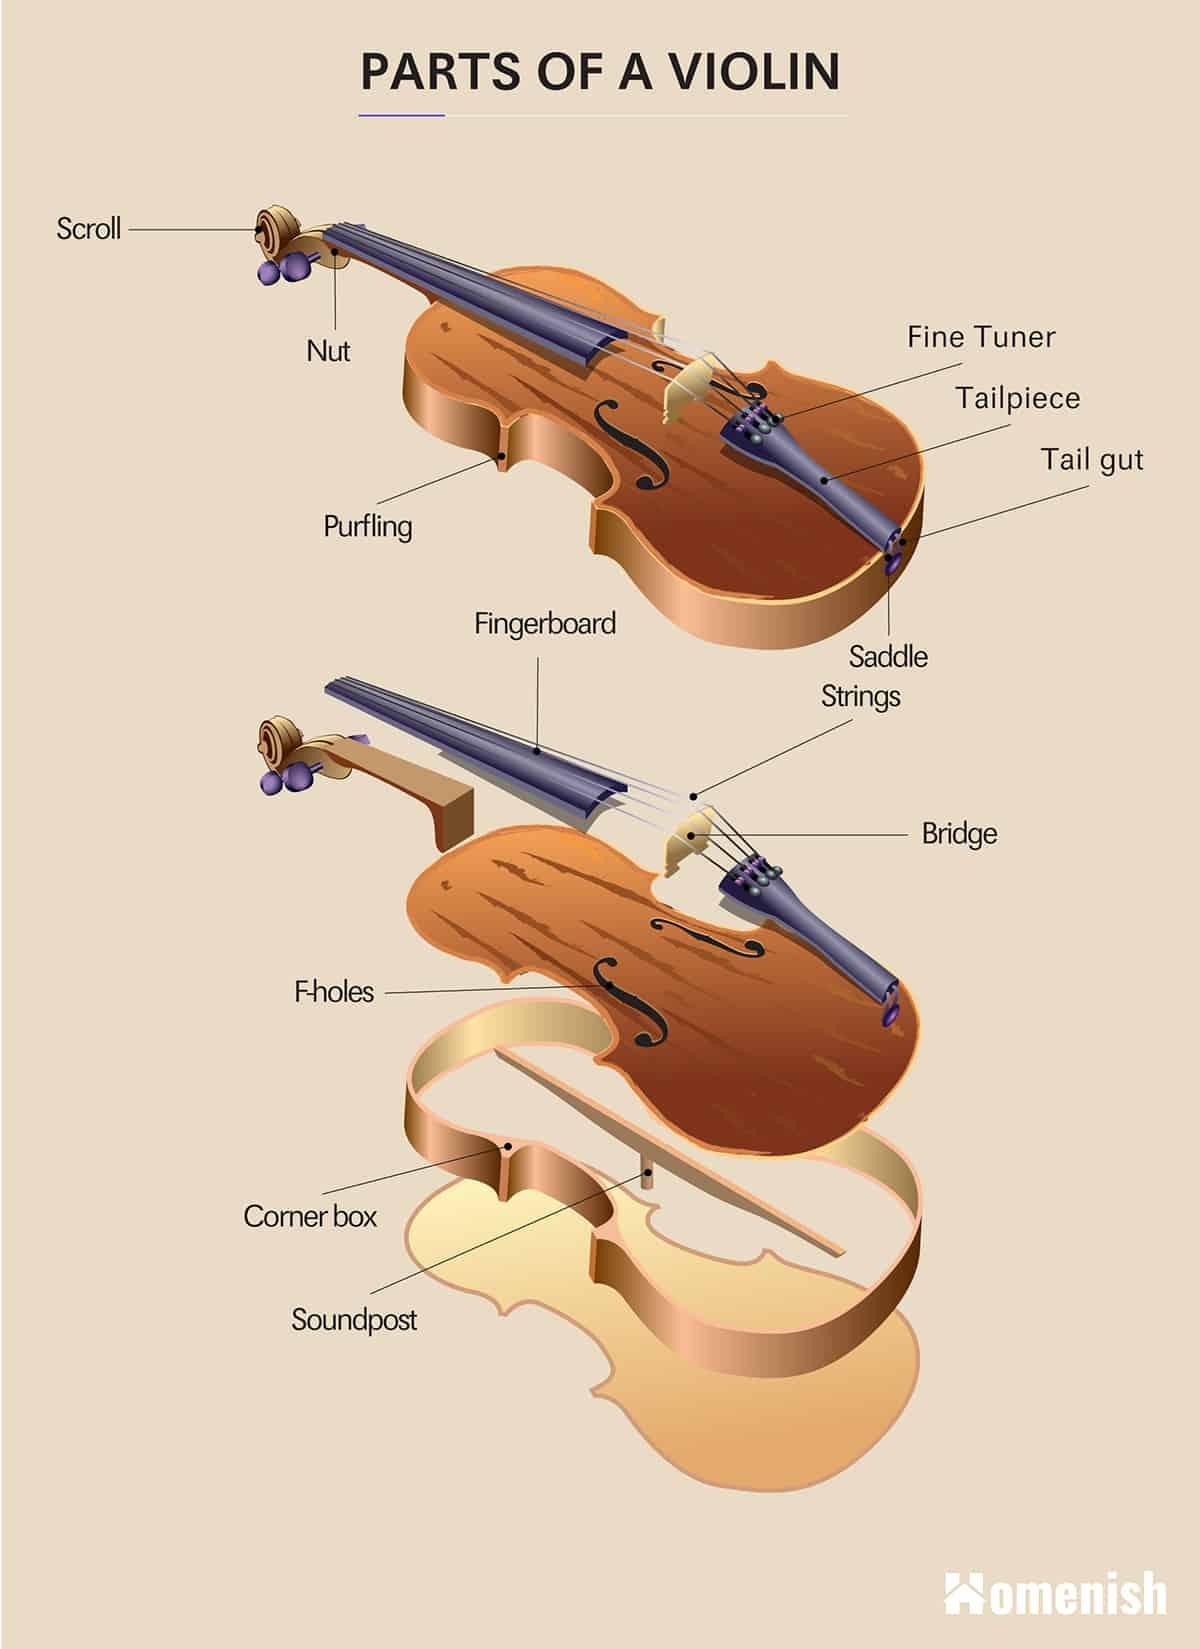 Parts of a Violin Diagram